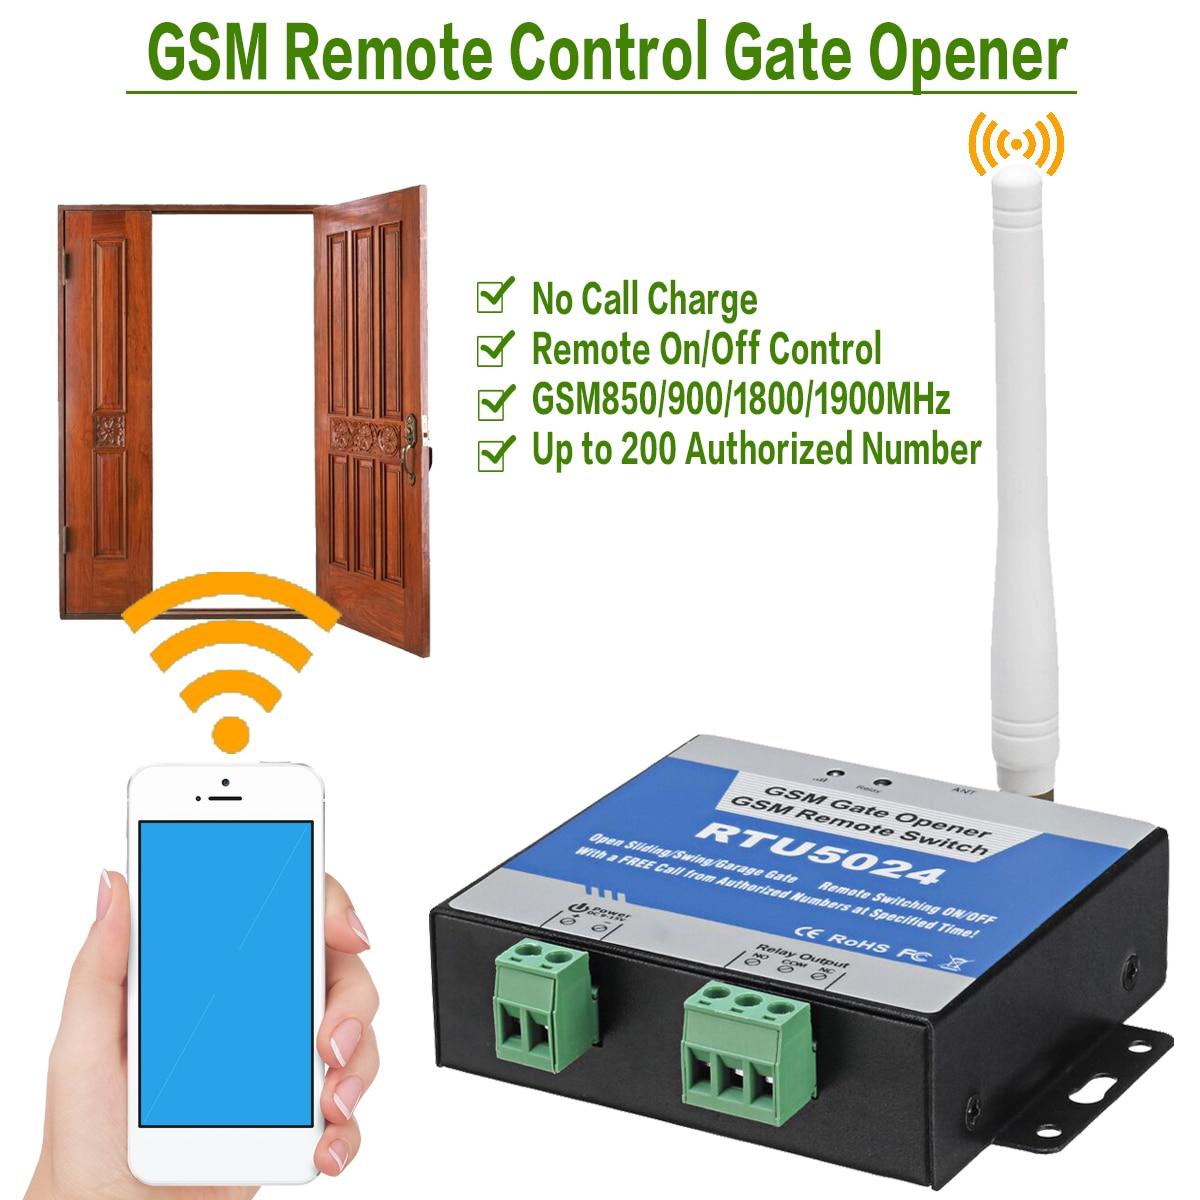 Гарнитура звонки во время SMS удаленный доступ Управление Беспроводной открывания двери передатчик RTU5024 GSM гараж качели открывающего механизма раздвижных ворот реле